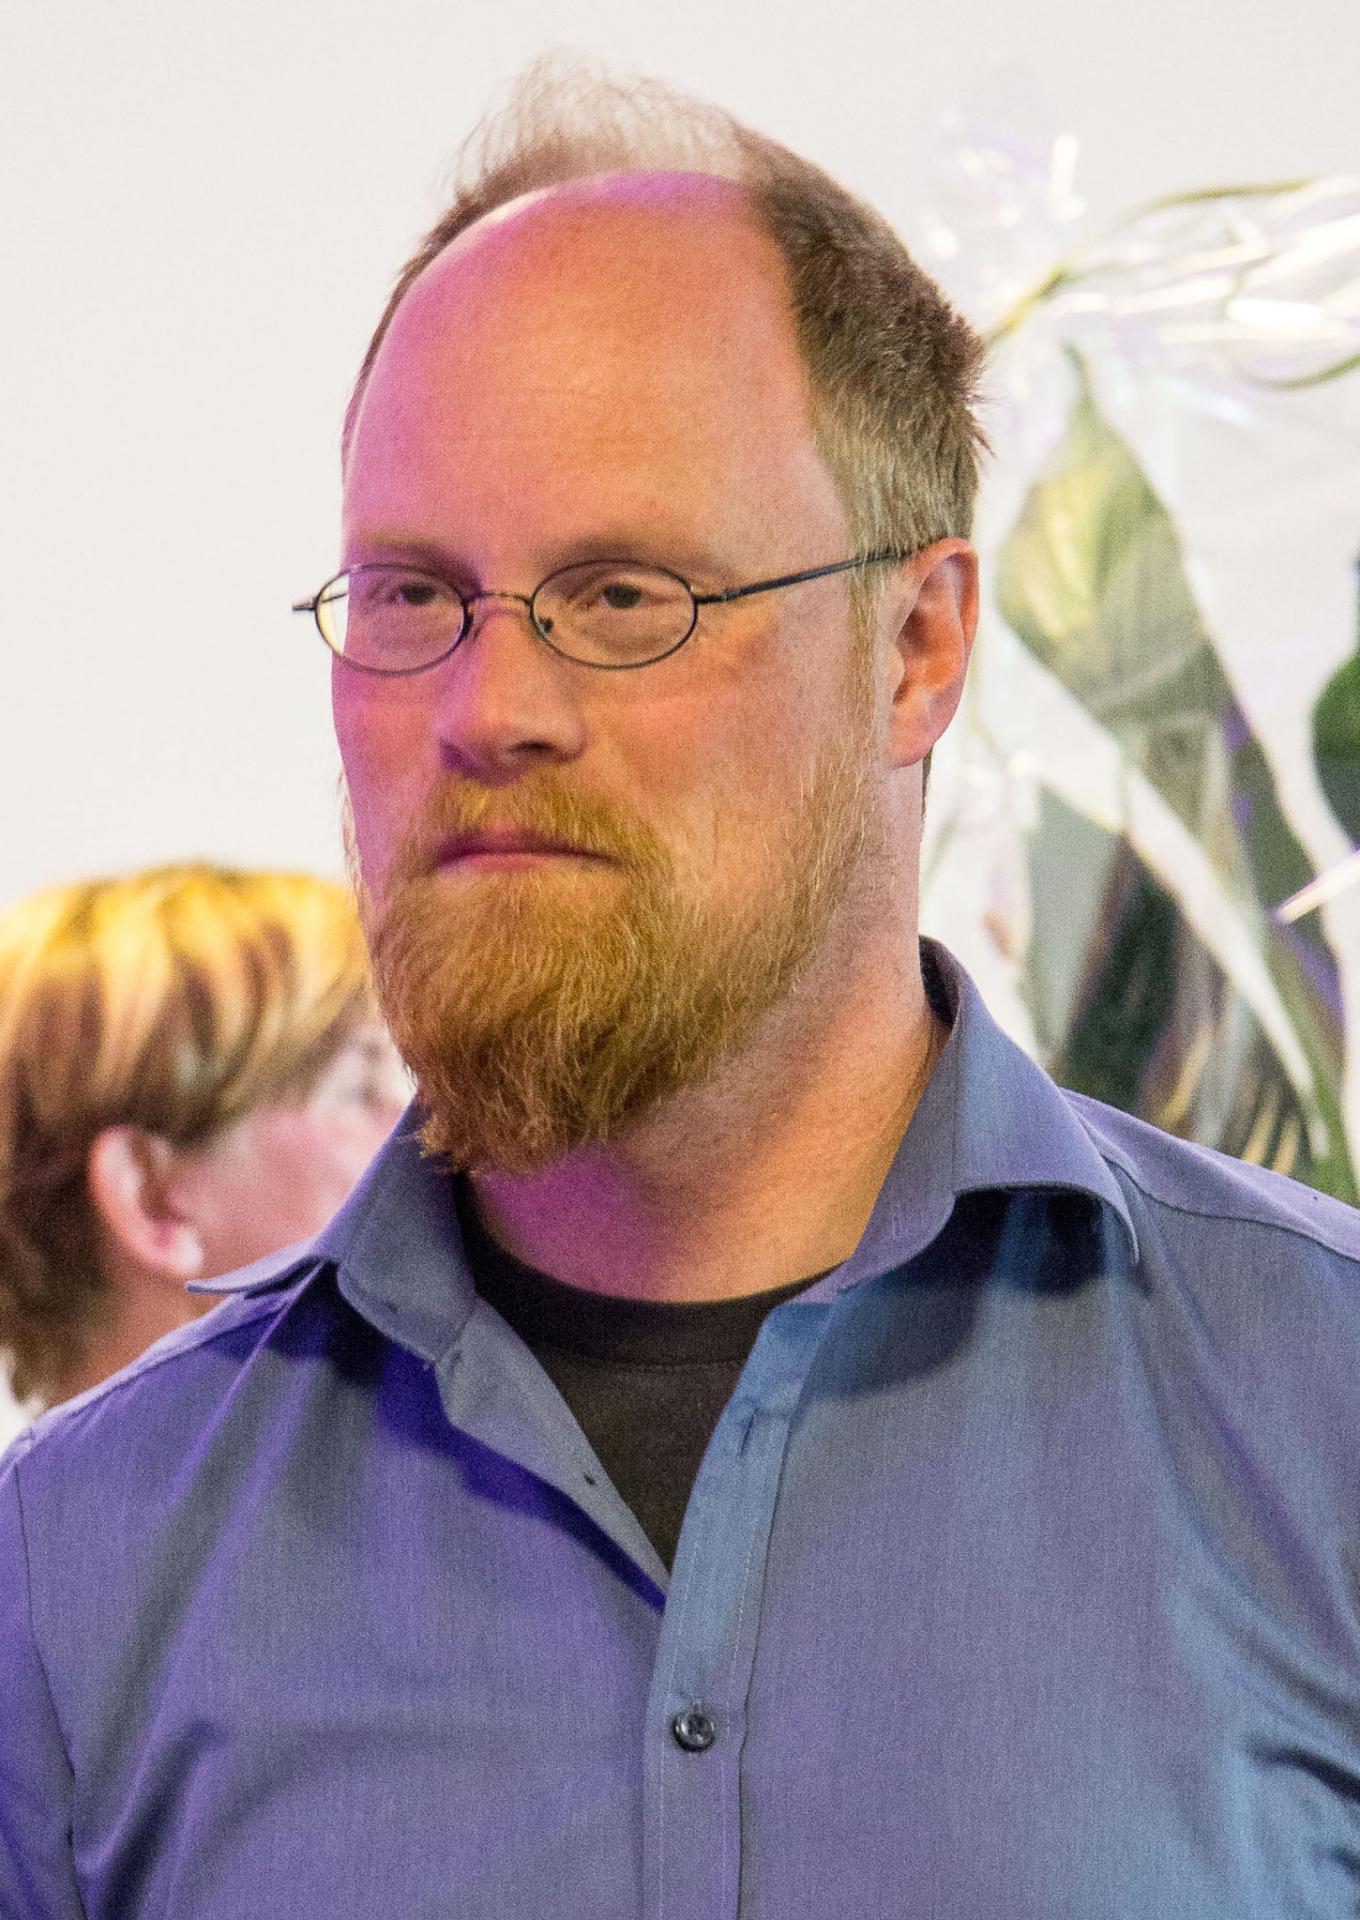 Jens Marcus